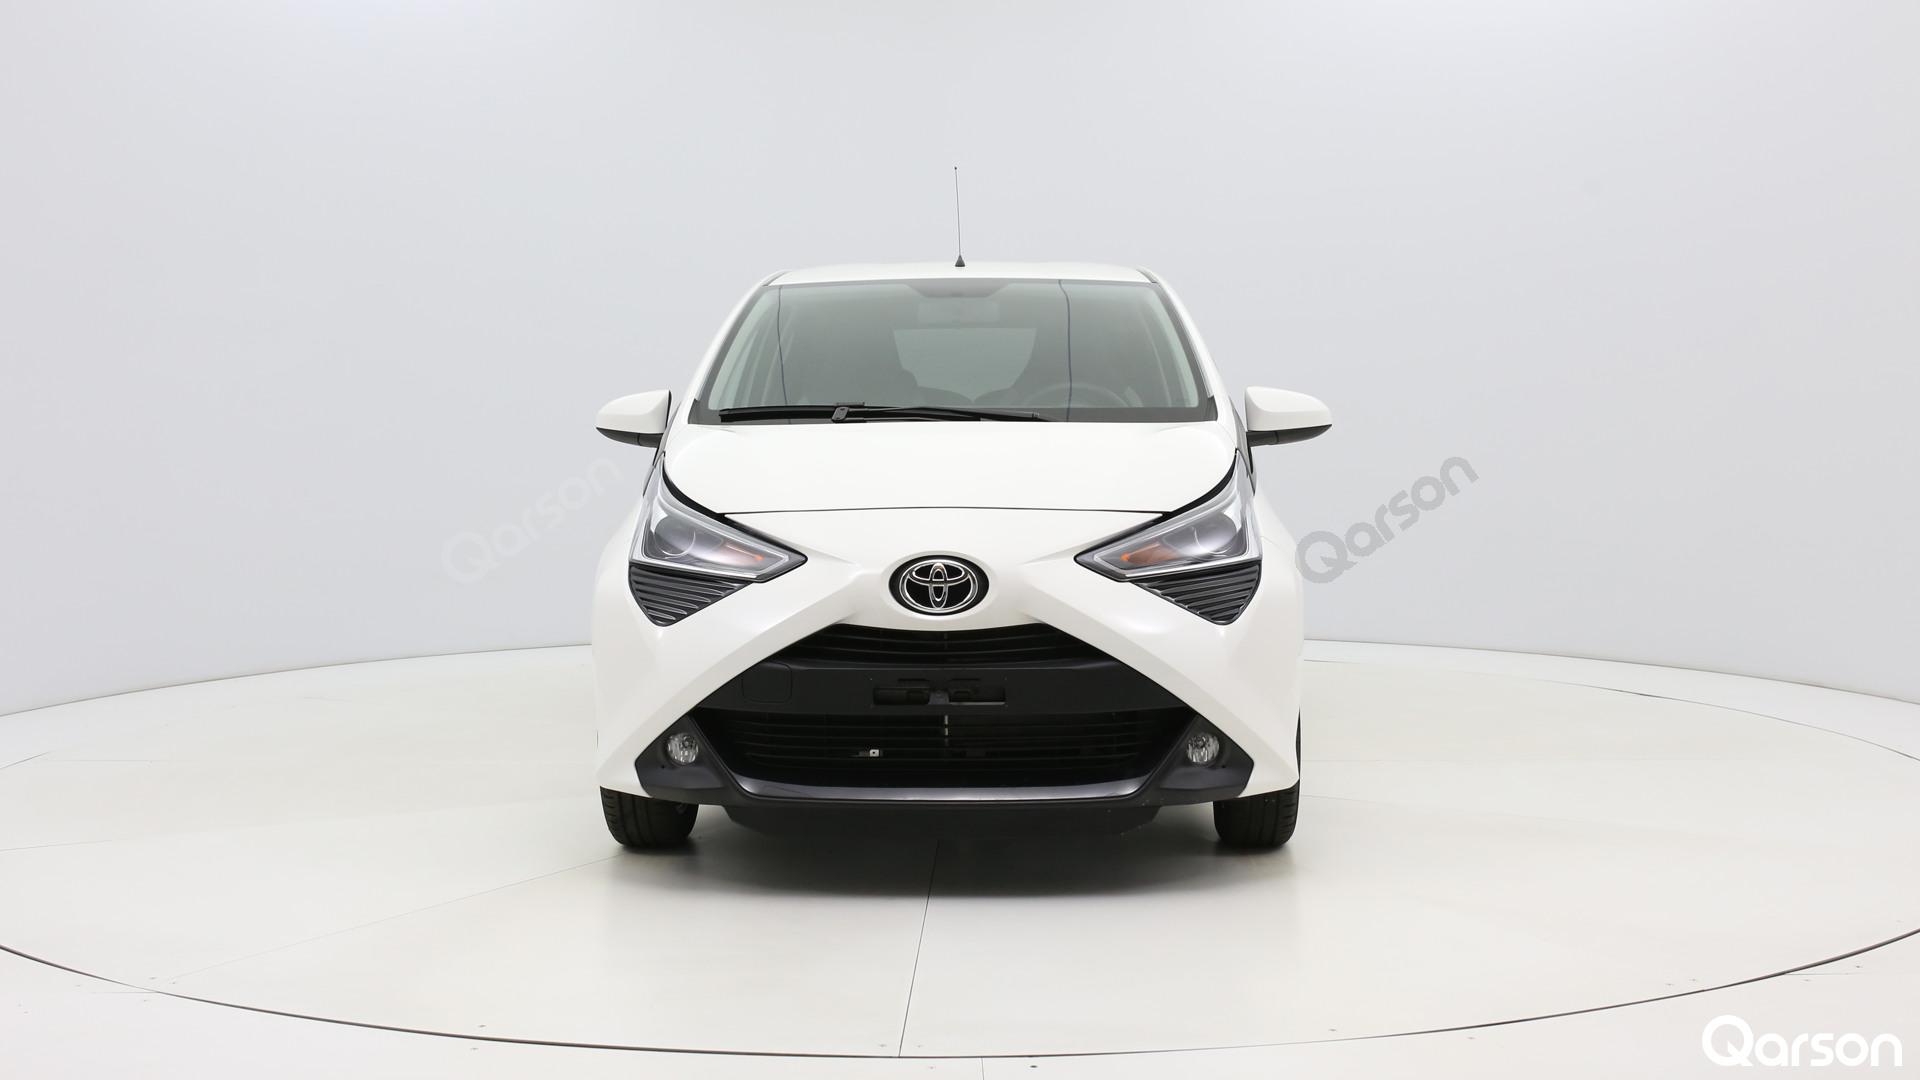 Toyota Aygo 5D Widok przodu samochodu